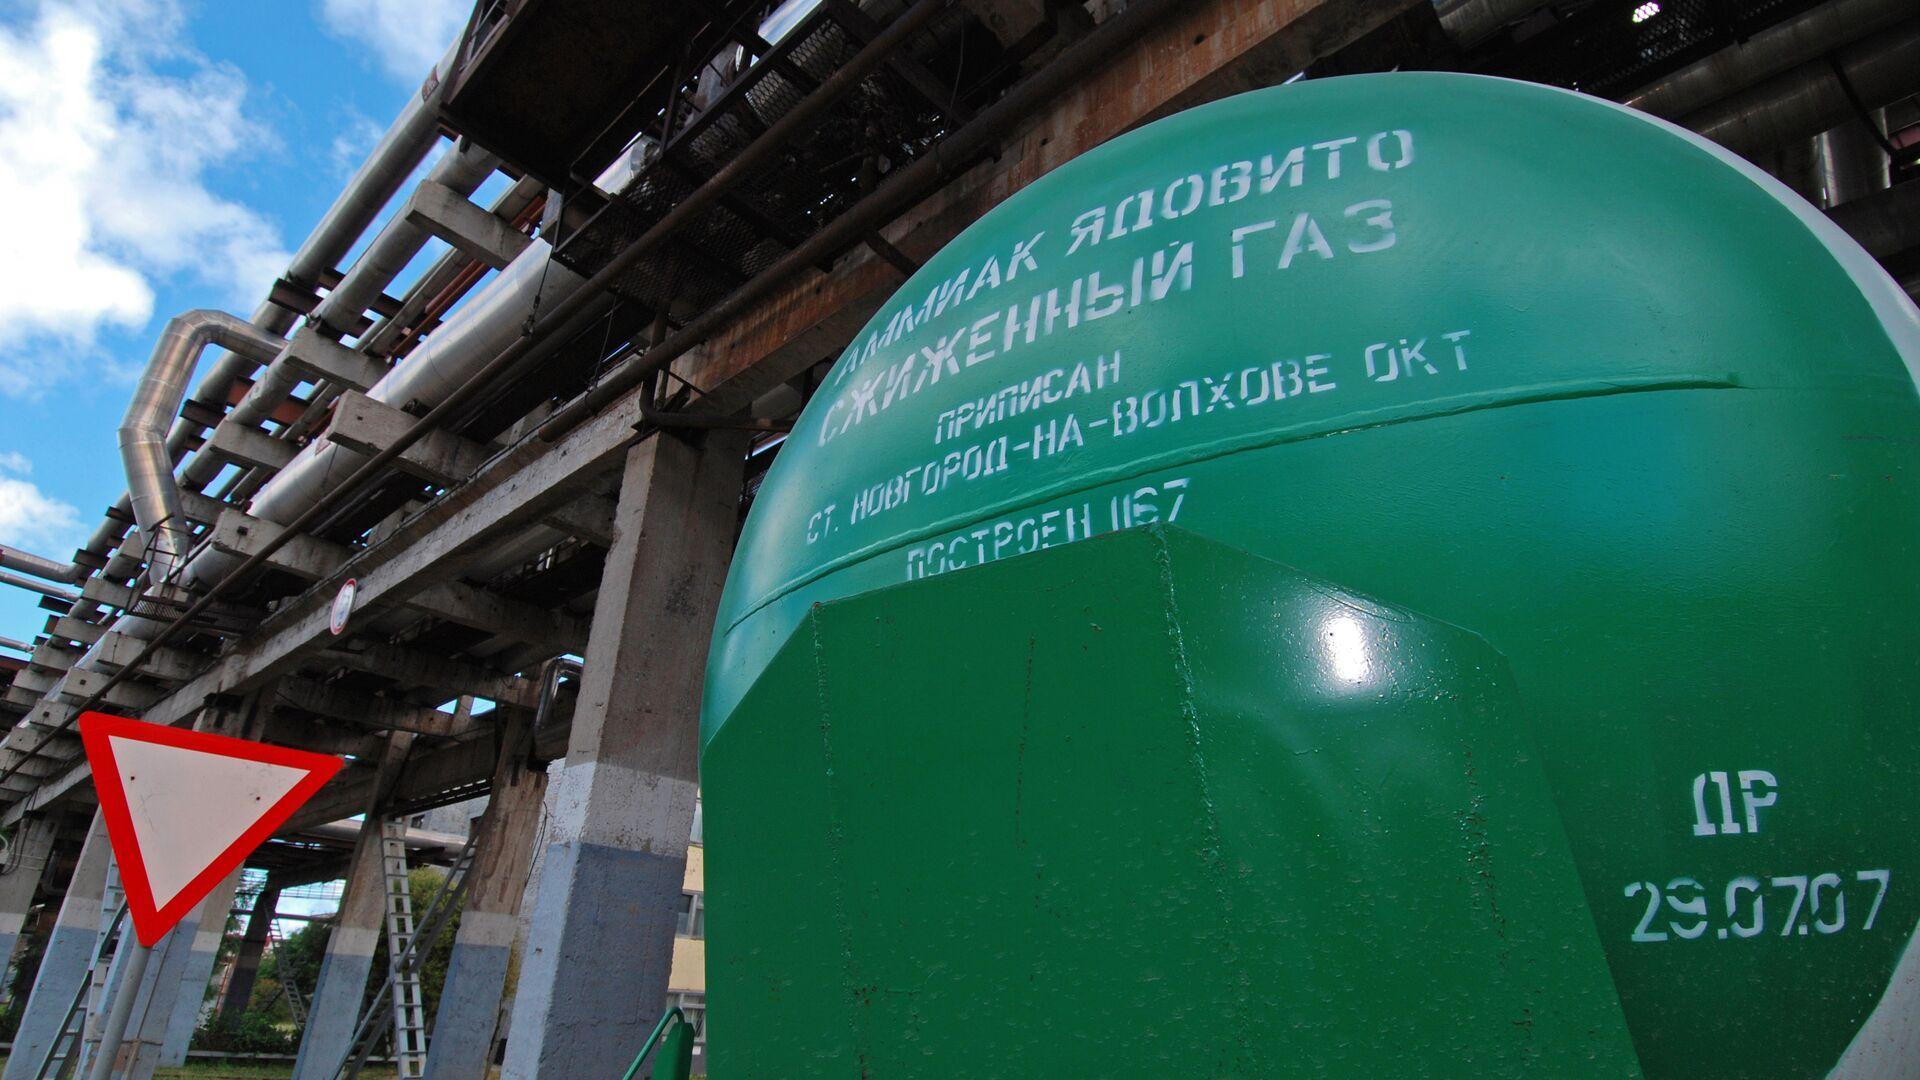 Сжиженный газ в цистернах на территории ОАО Акрон - РИА Новости, 1920, 28.06.2021